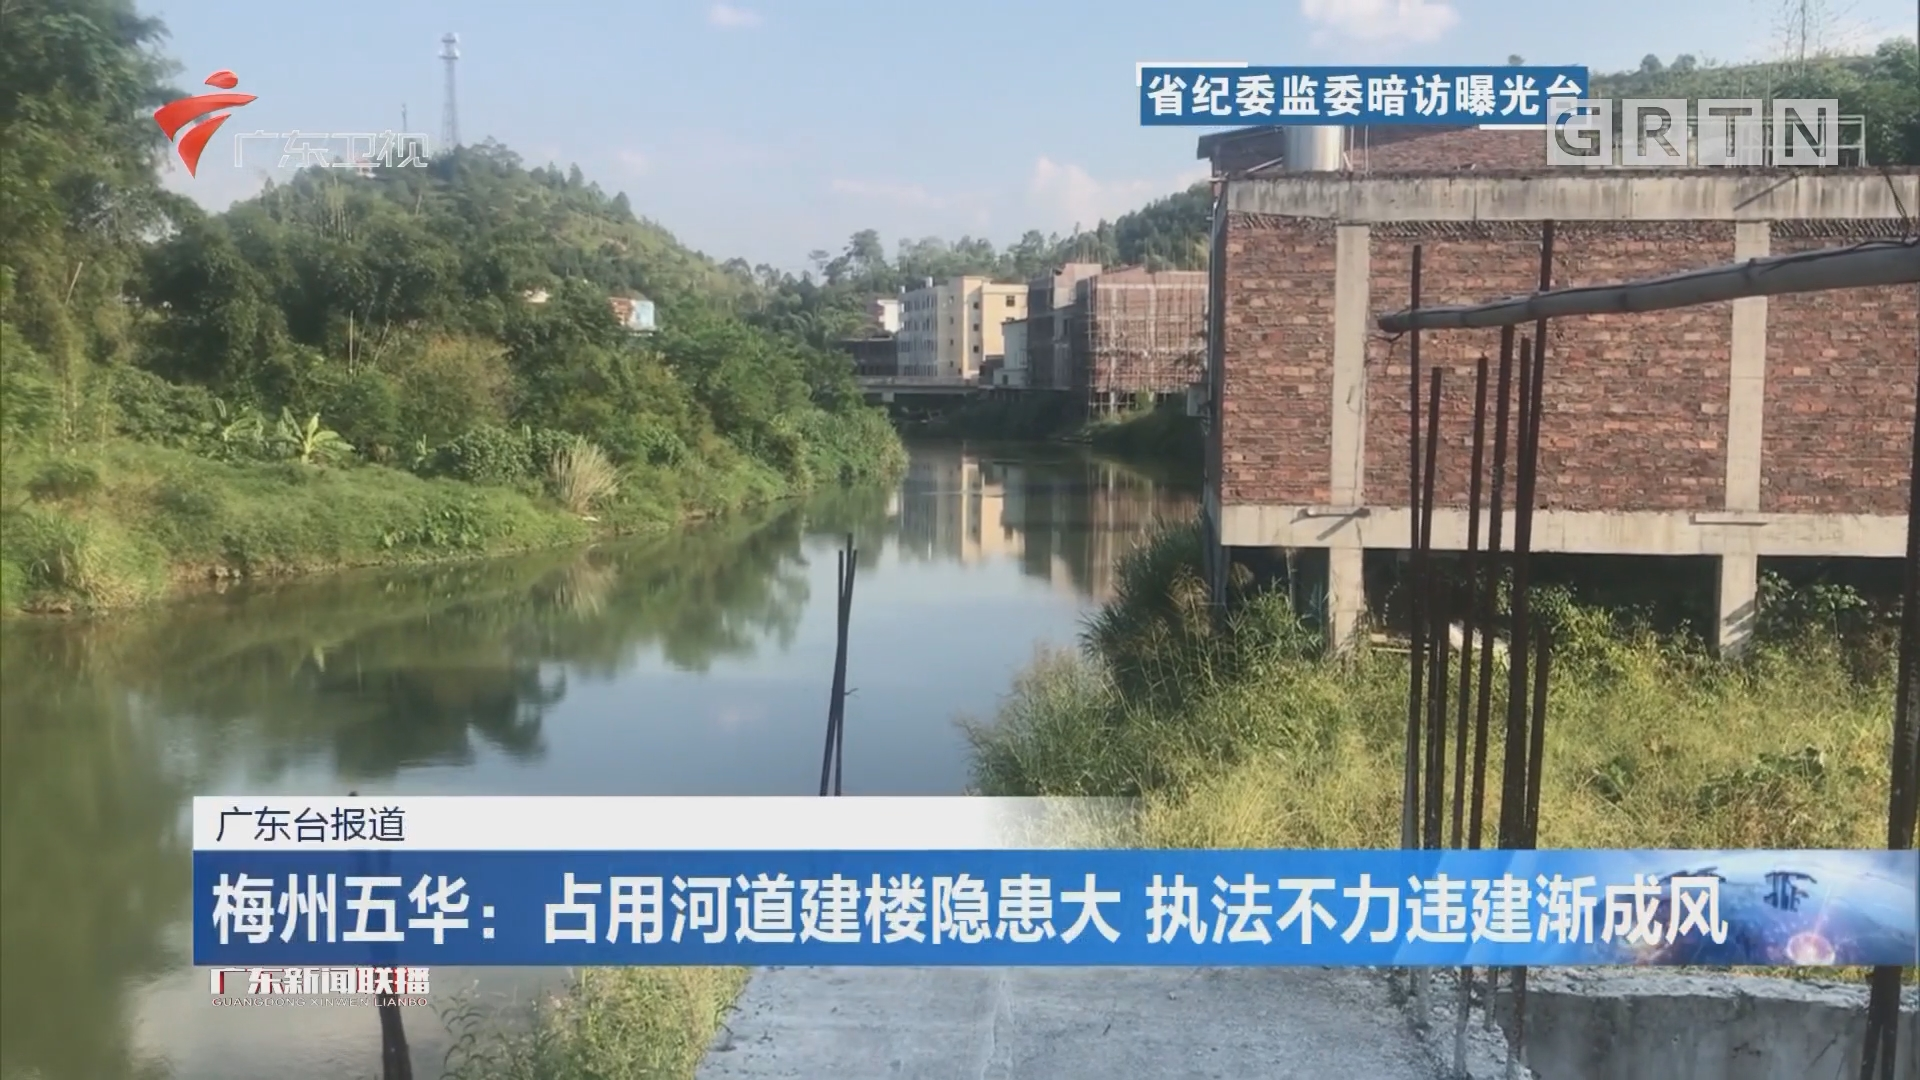 梅州五华:占用河道建楼隐患大 执法不力违建渐成风